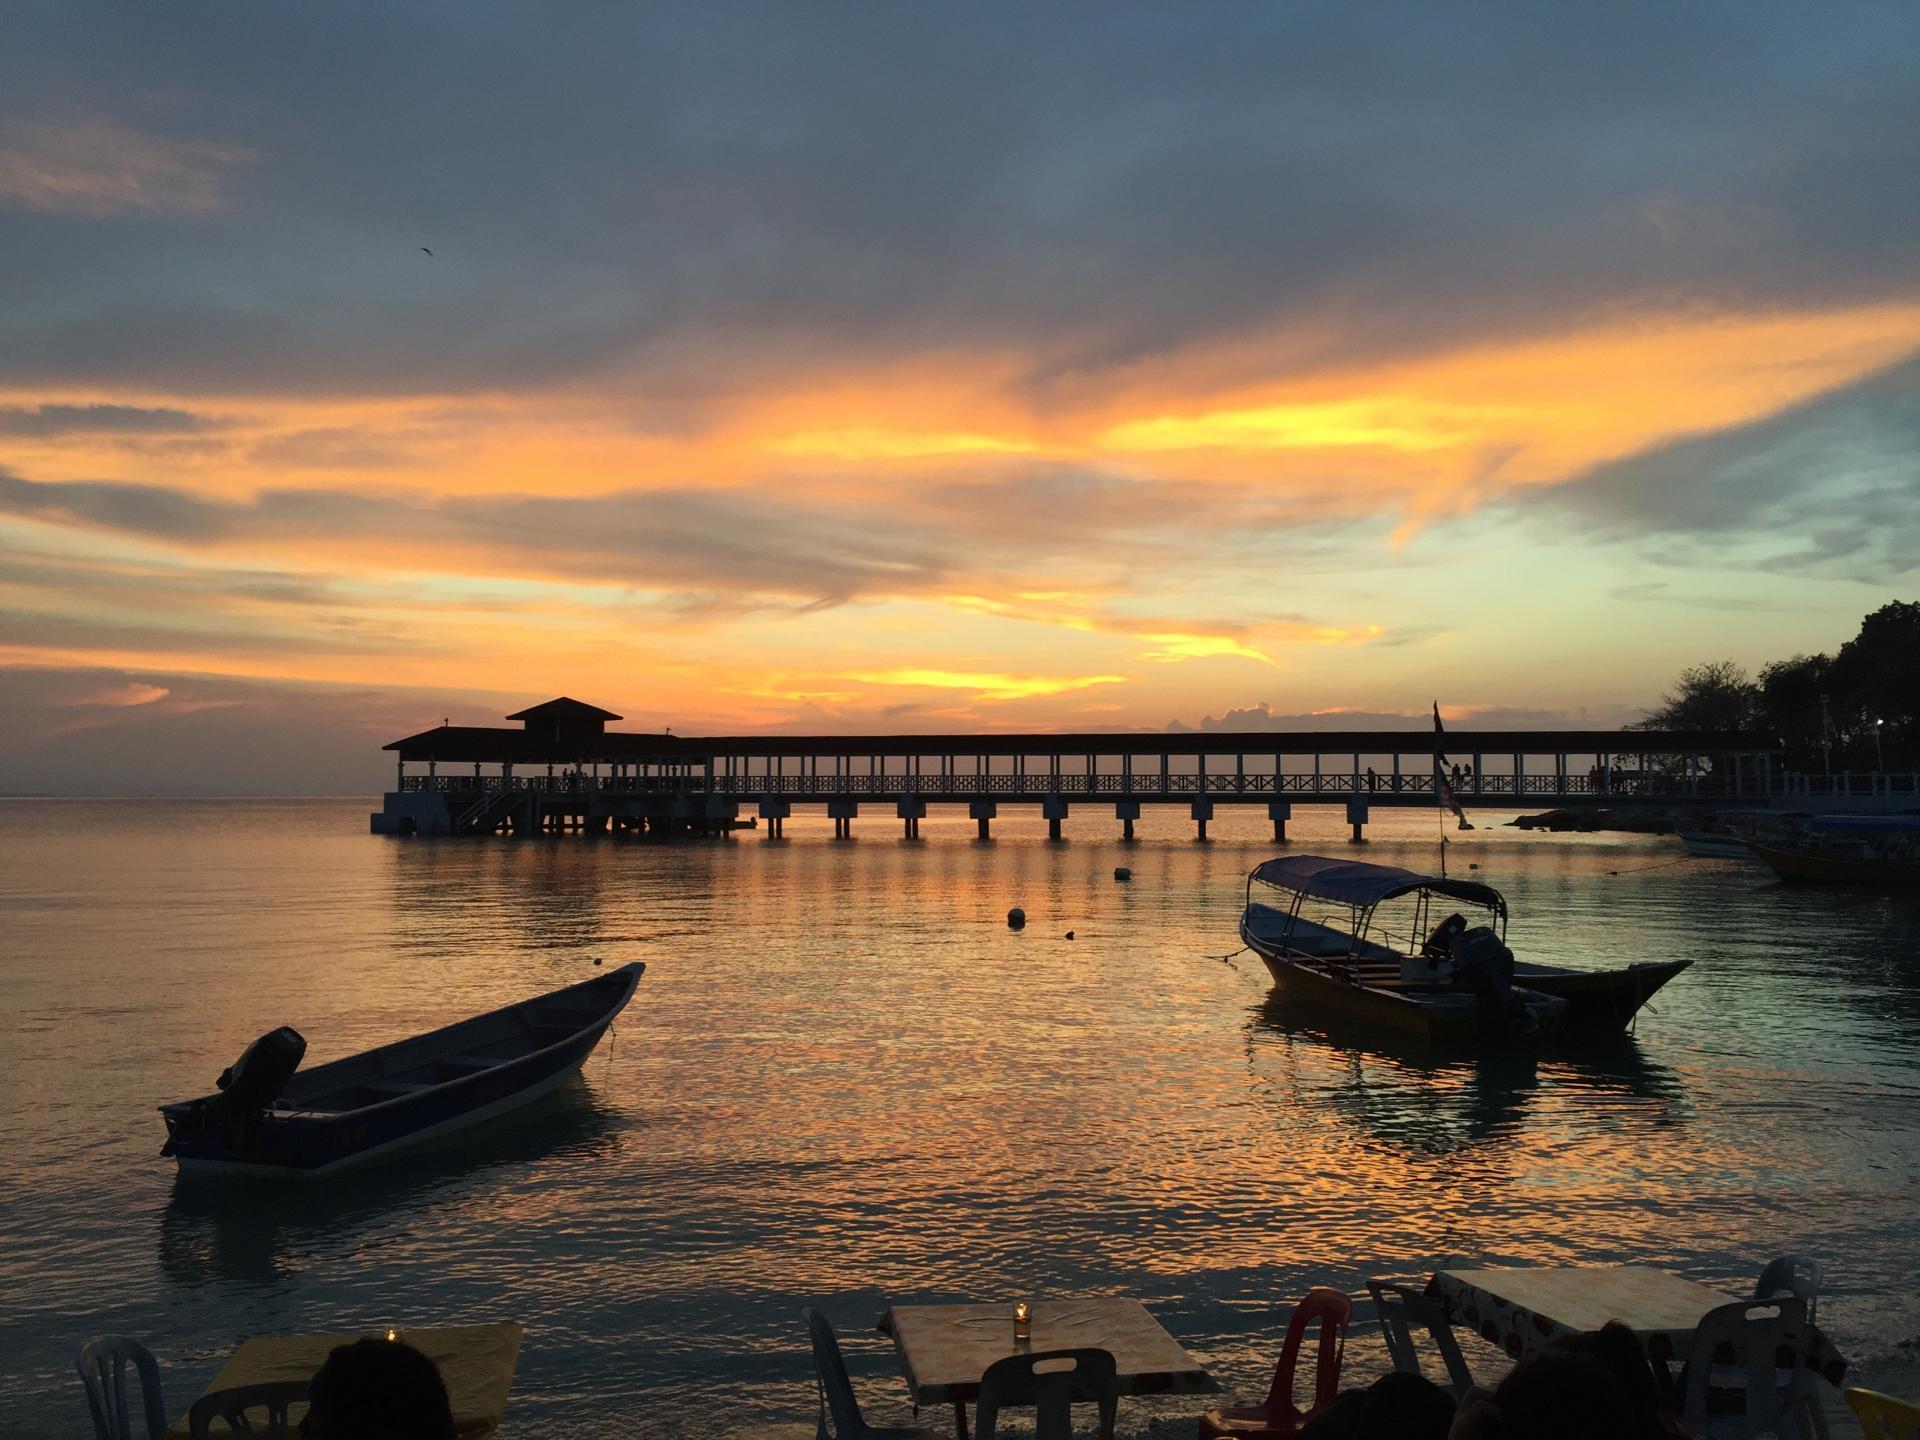 Notre premier coucher de soleil, Perhentian Island Kecil, Malaisie, Mars 2016